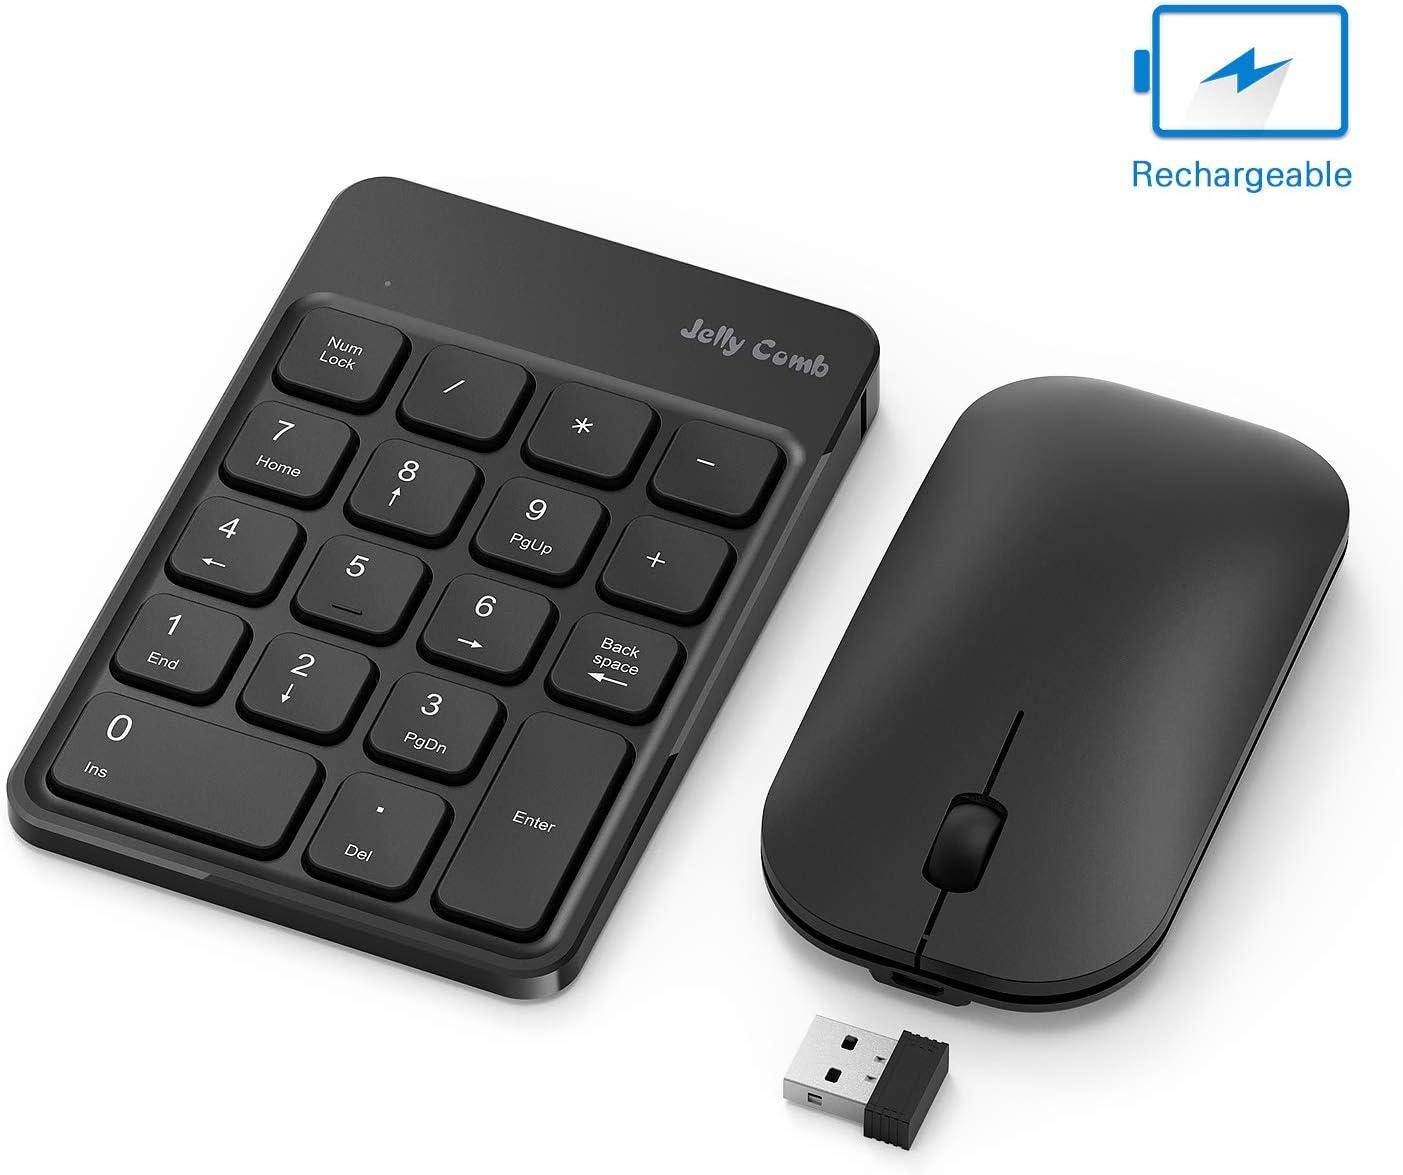 Jelly Comb Teclado numérico con Mouse Teclado inalámbrico numérico recargable con ratón inalámbrico-Negro